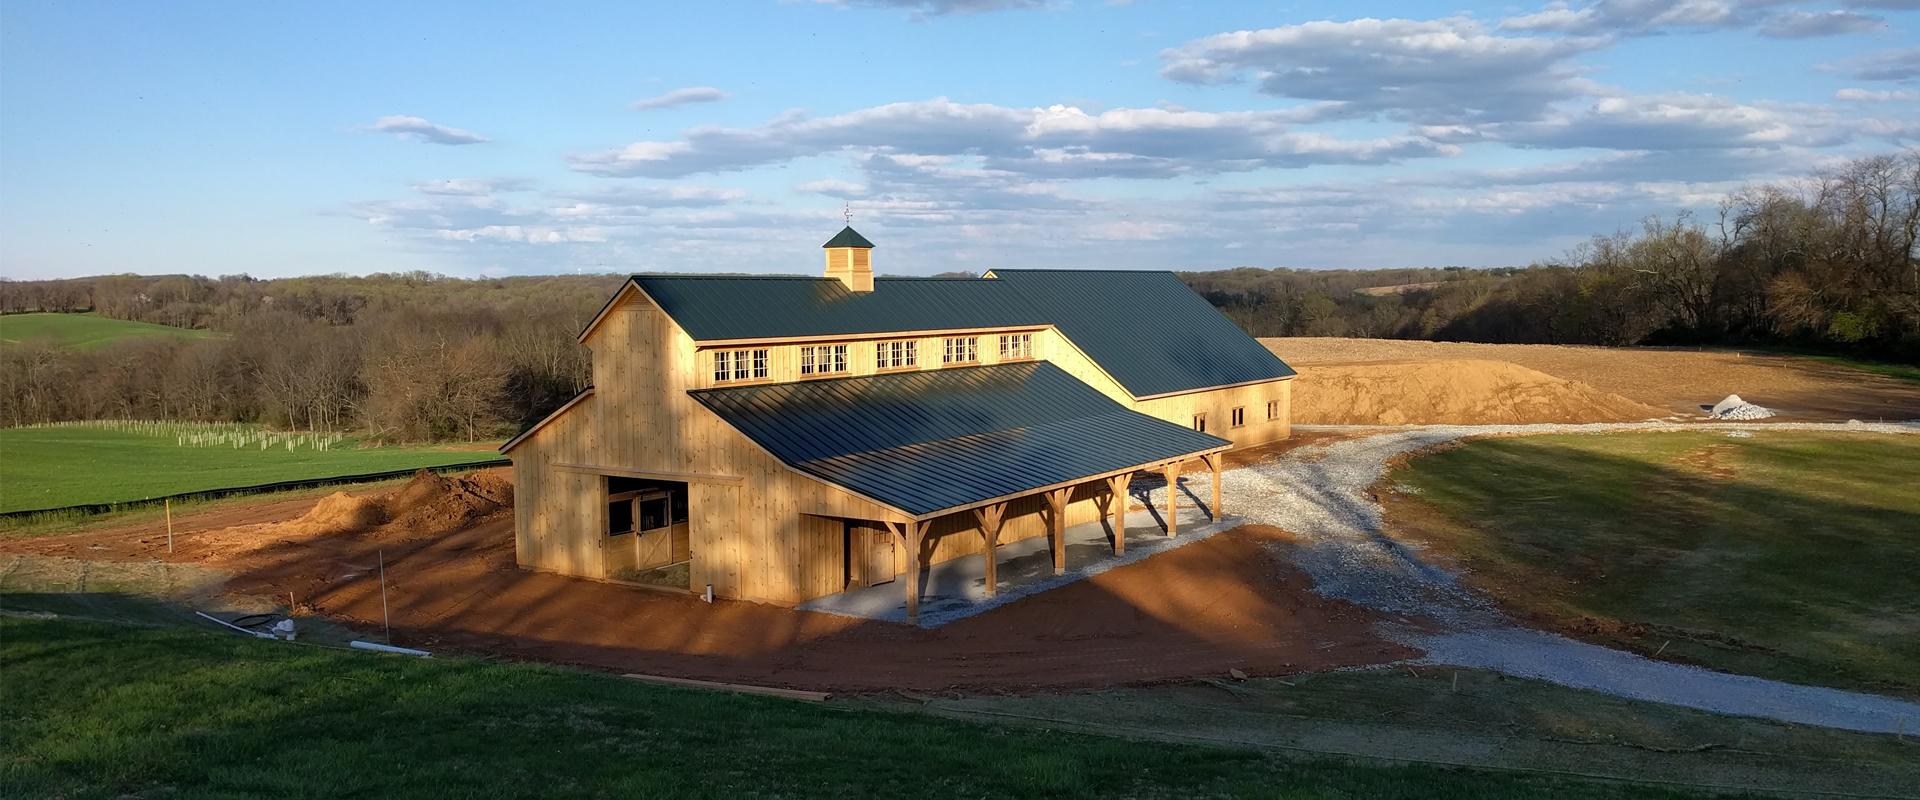 landscape architects farm